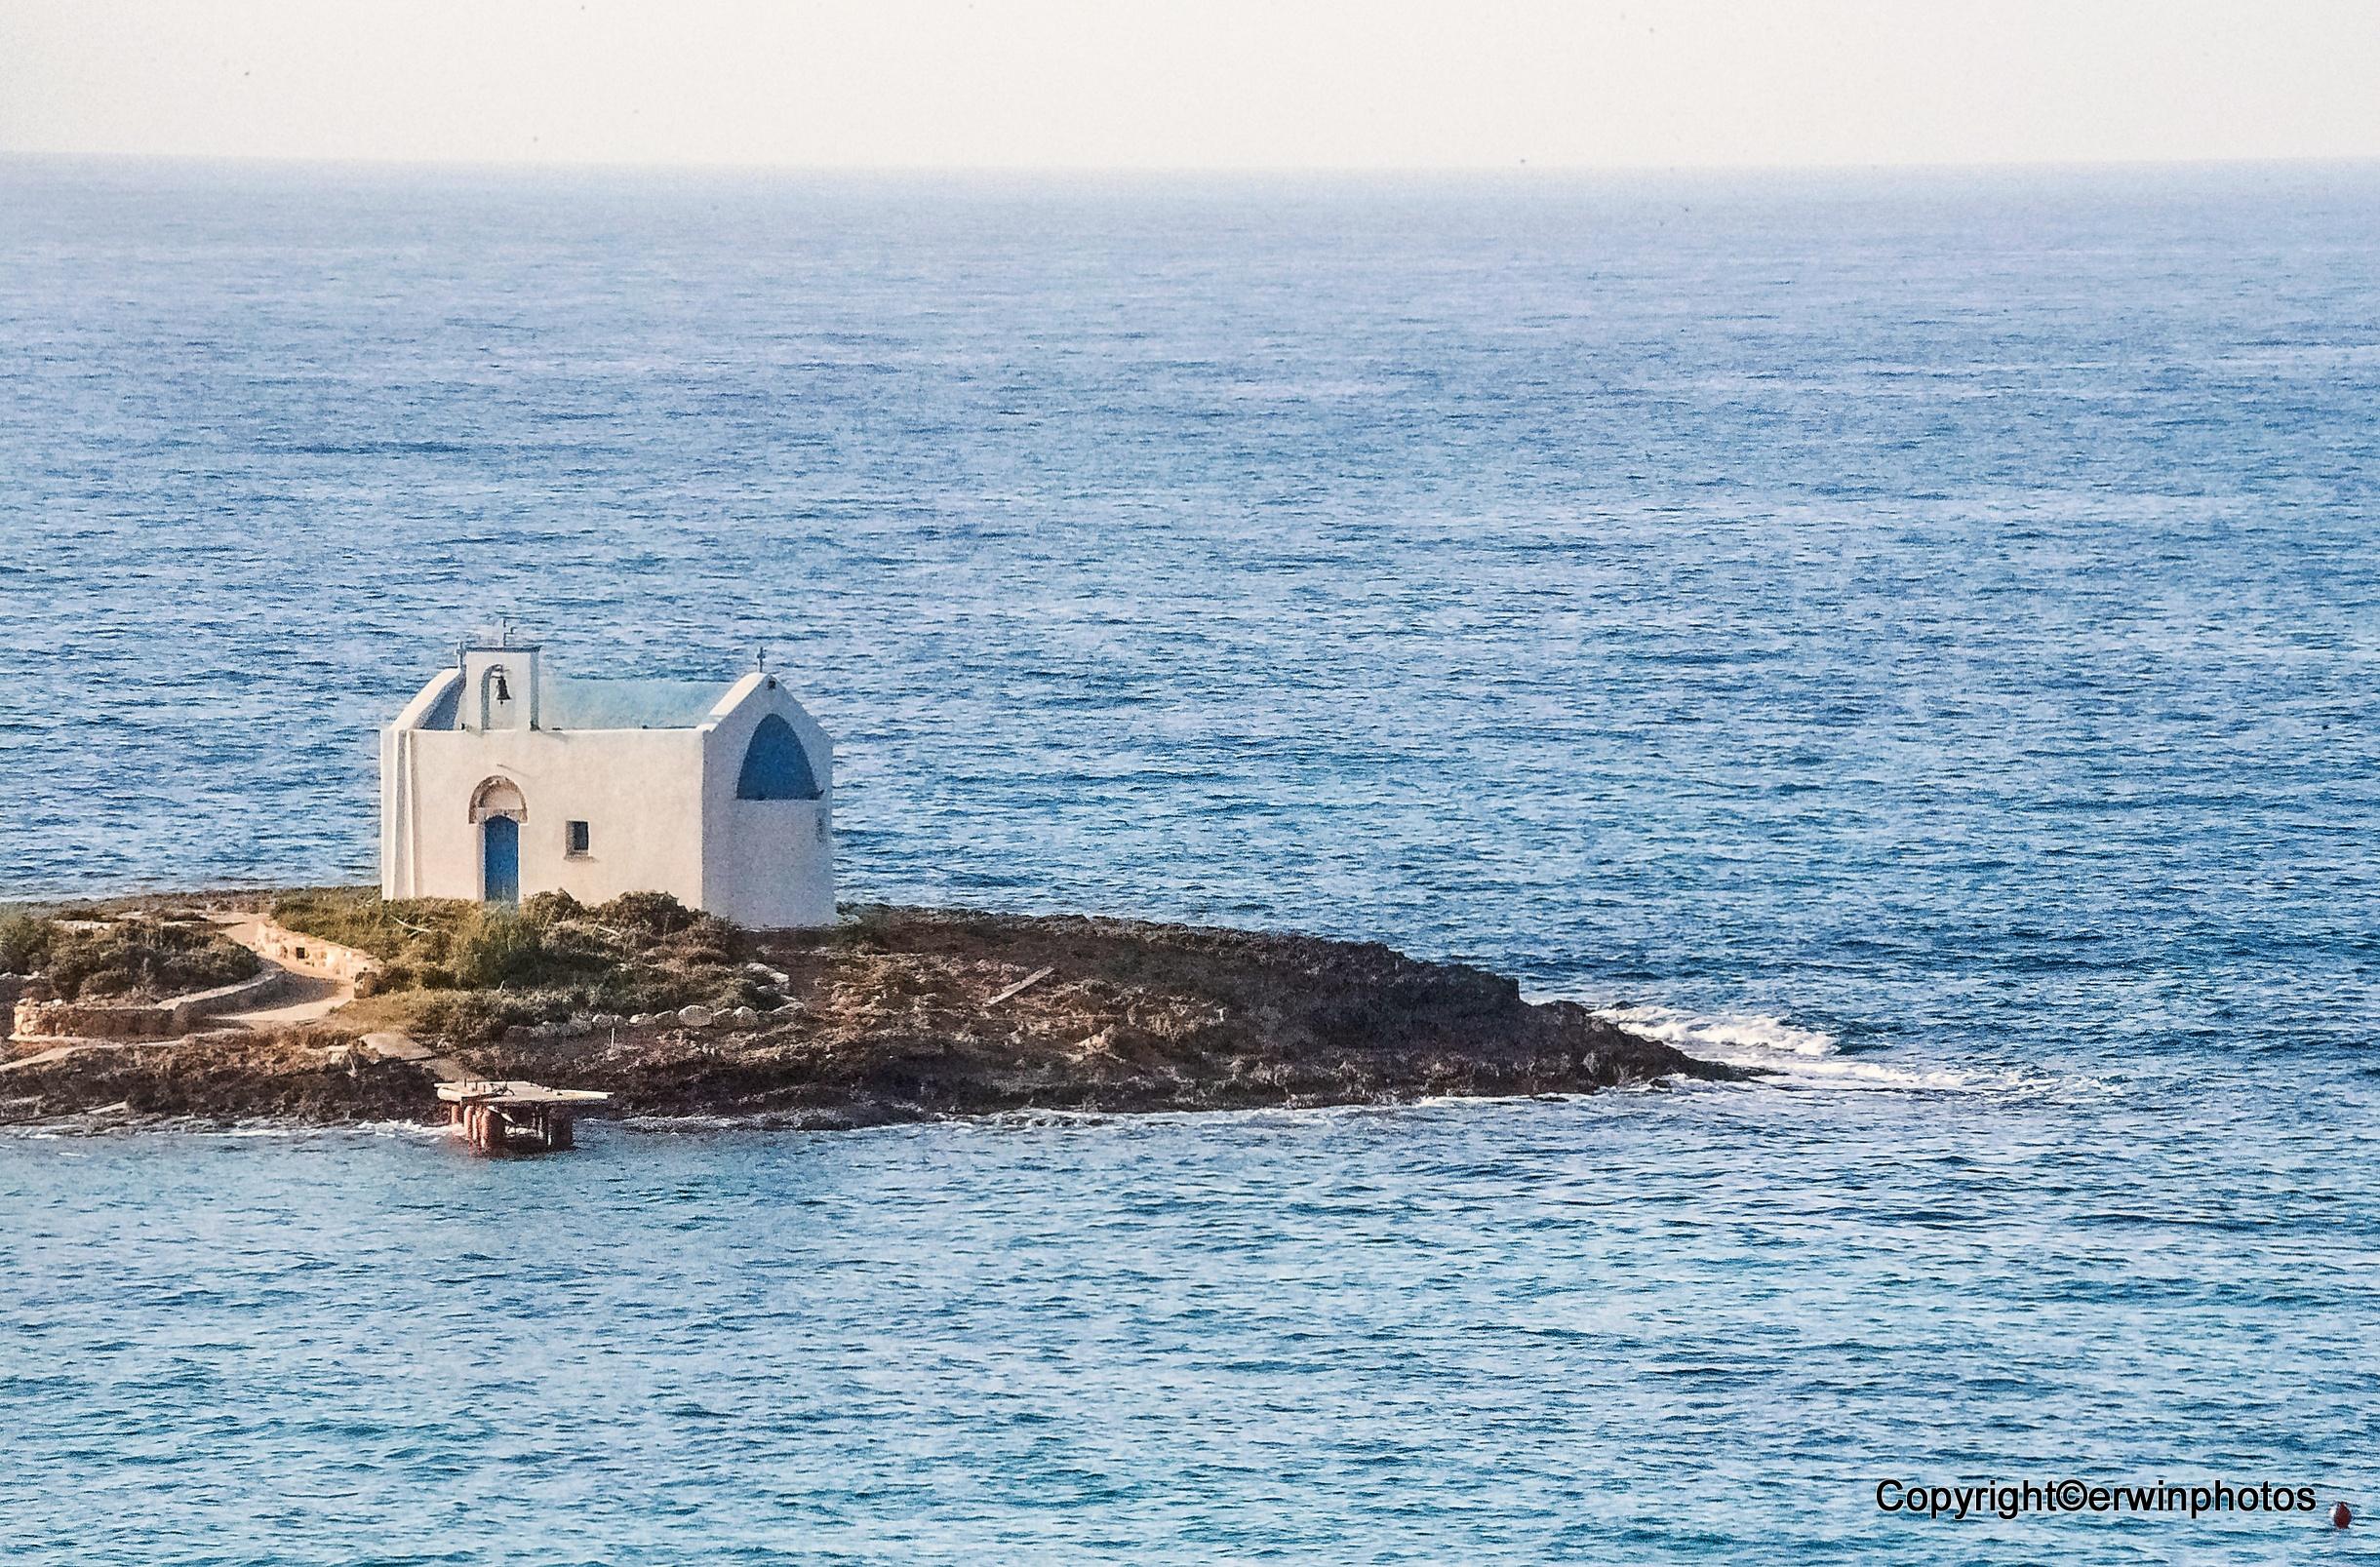 eine kleine Kapelle auf einem Inselchen